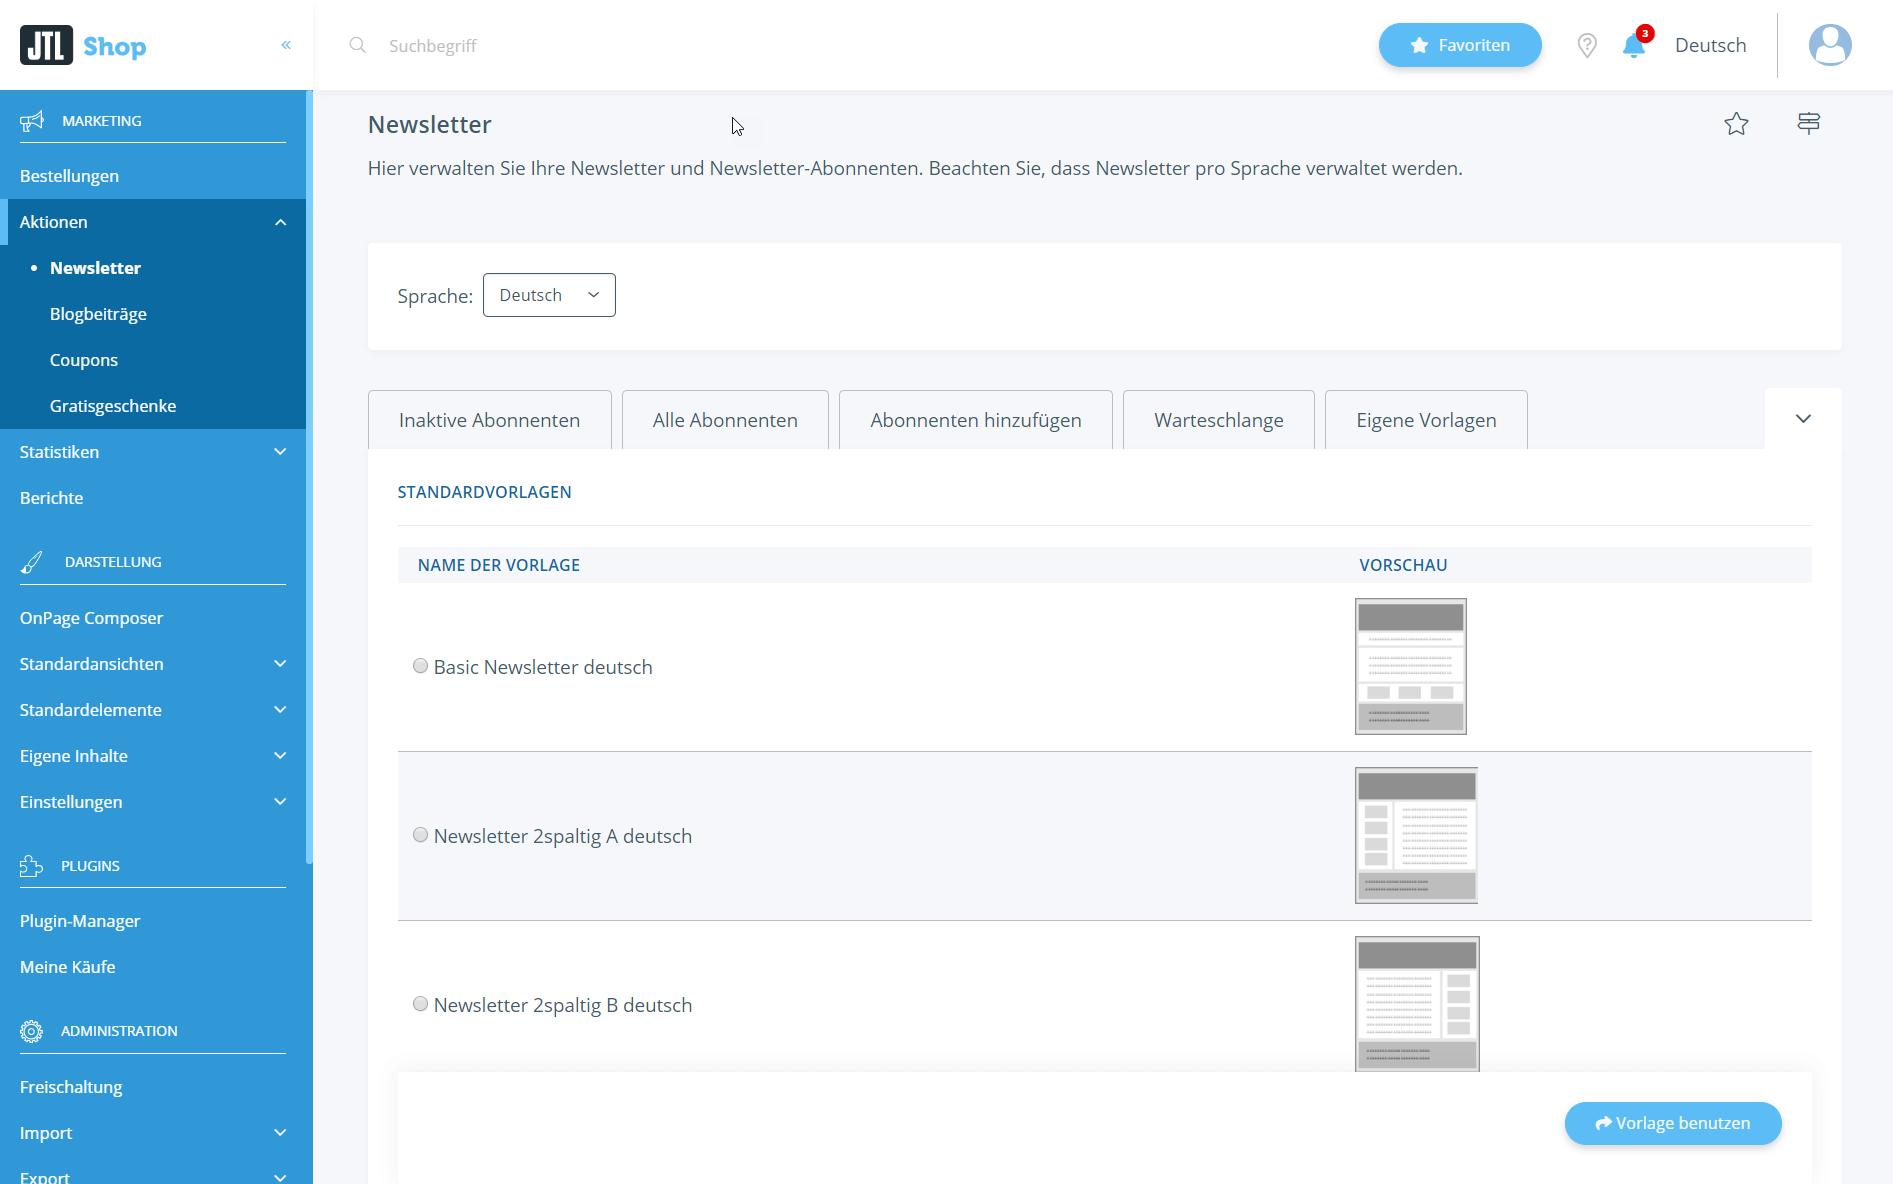 Mitgelieferte Standardvorlagen für Newsletter auswählen